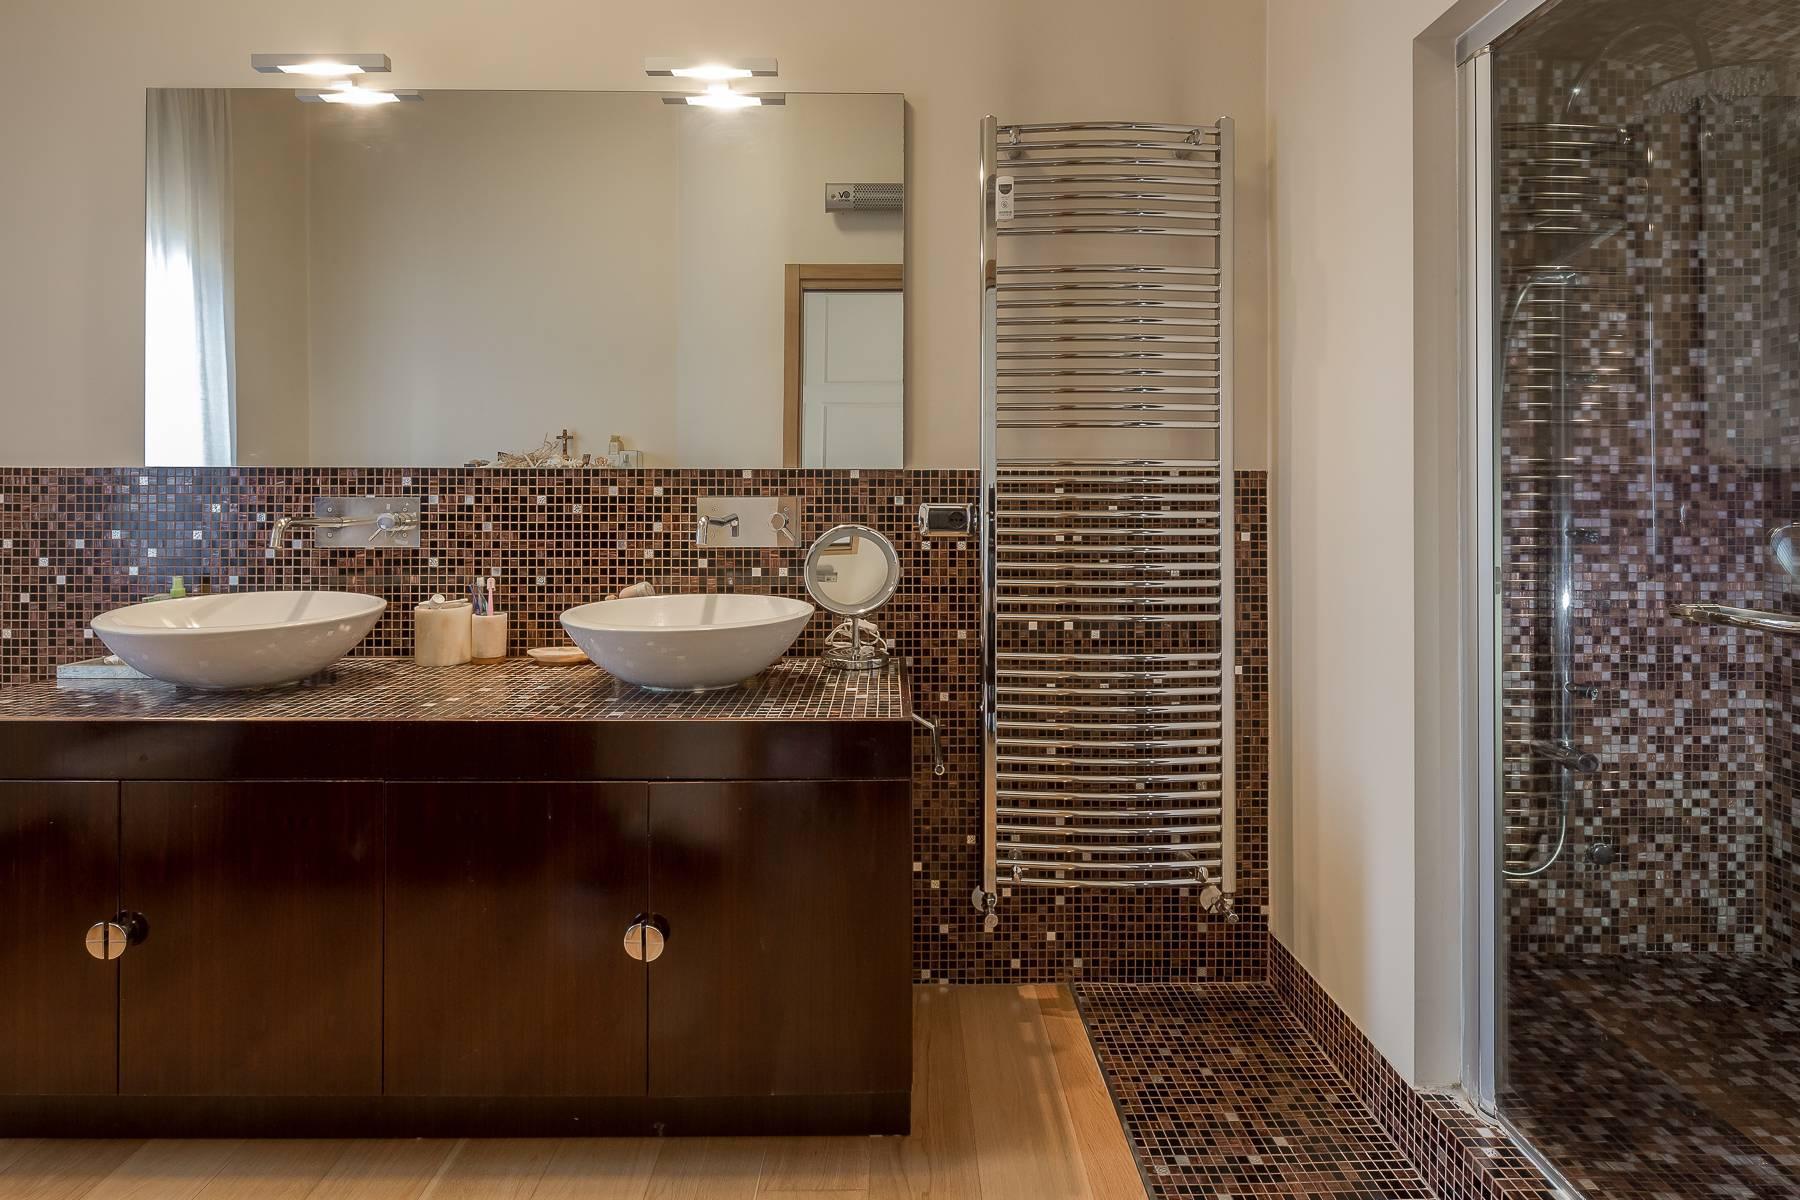 Appartement de style classique situé Via Besana - 9